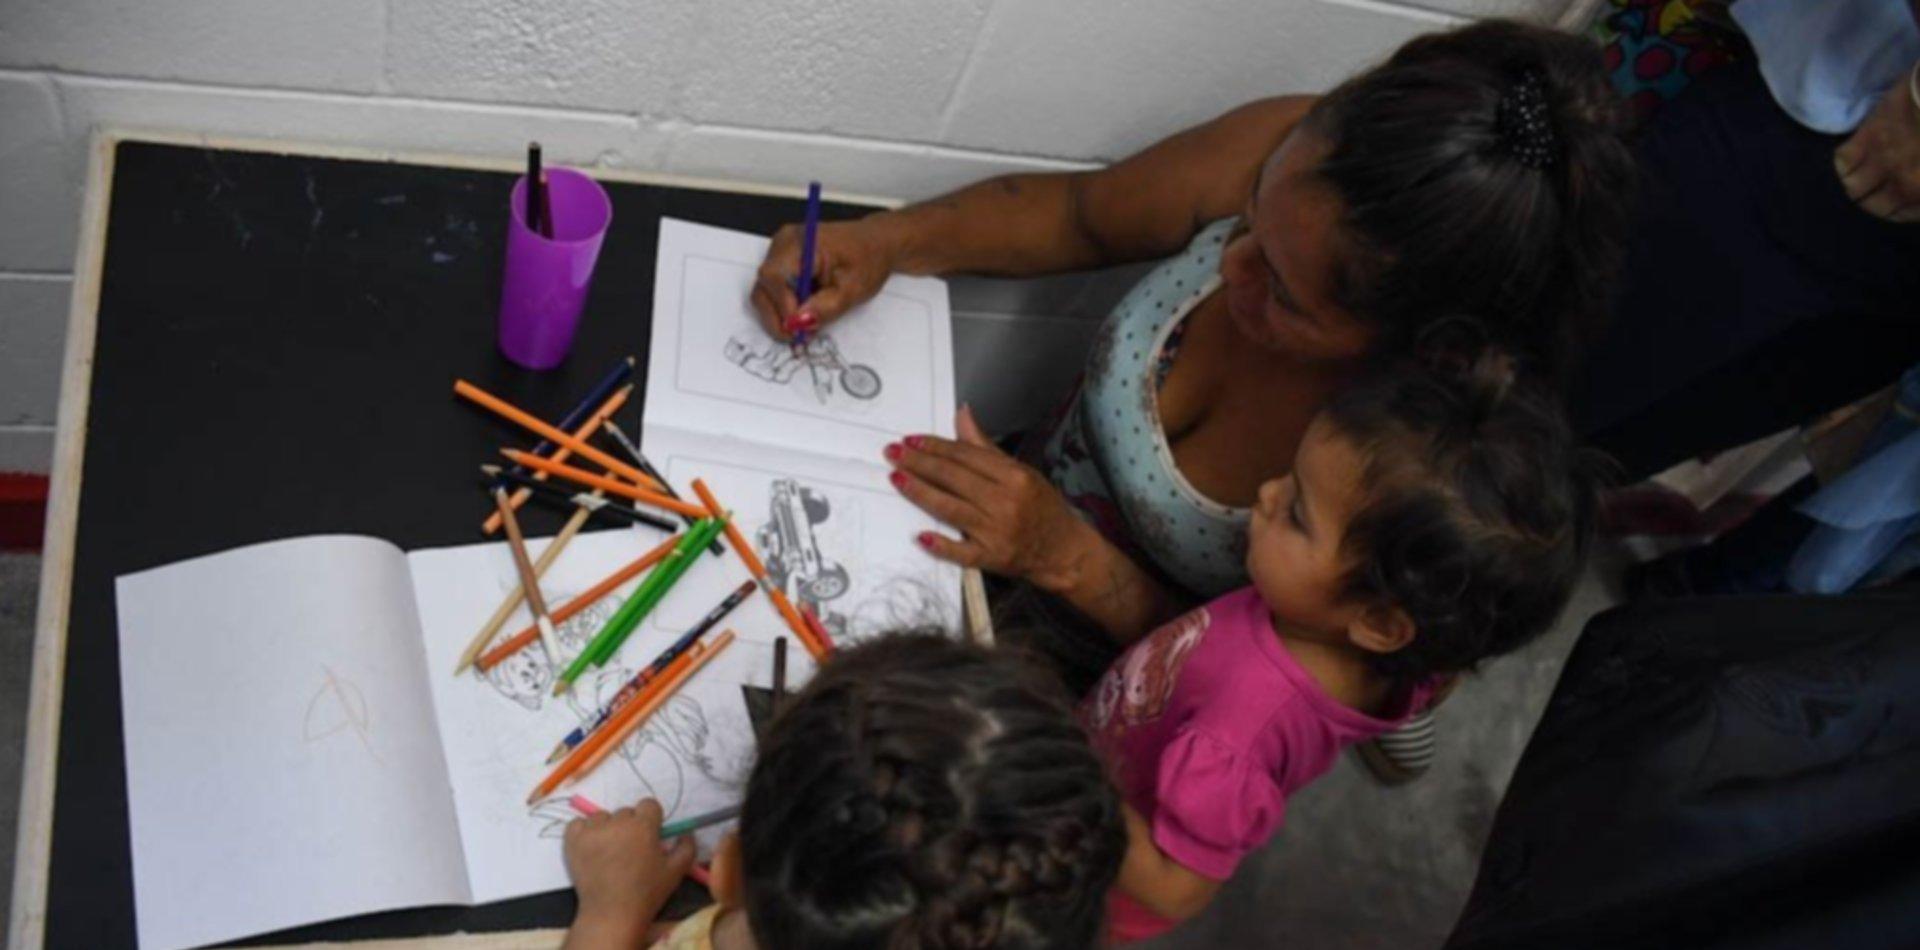 Abrirán un espacio recreativo para nenes que viven con sus mamás en una cárcel de La Plata